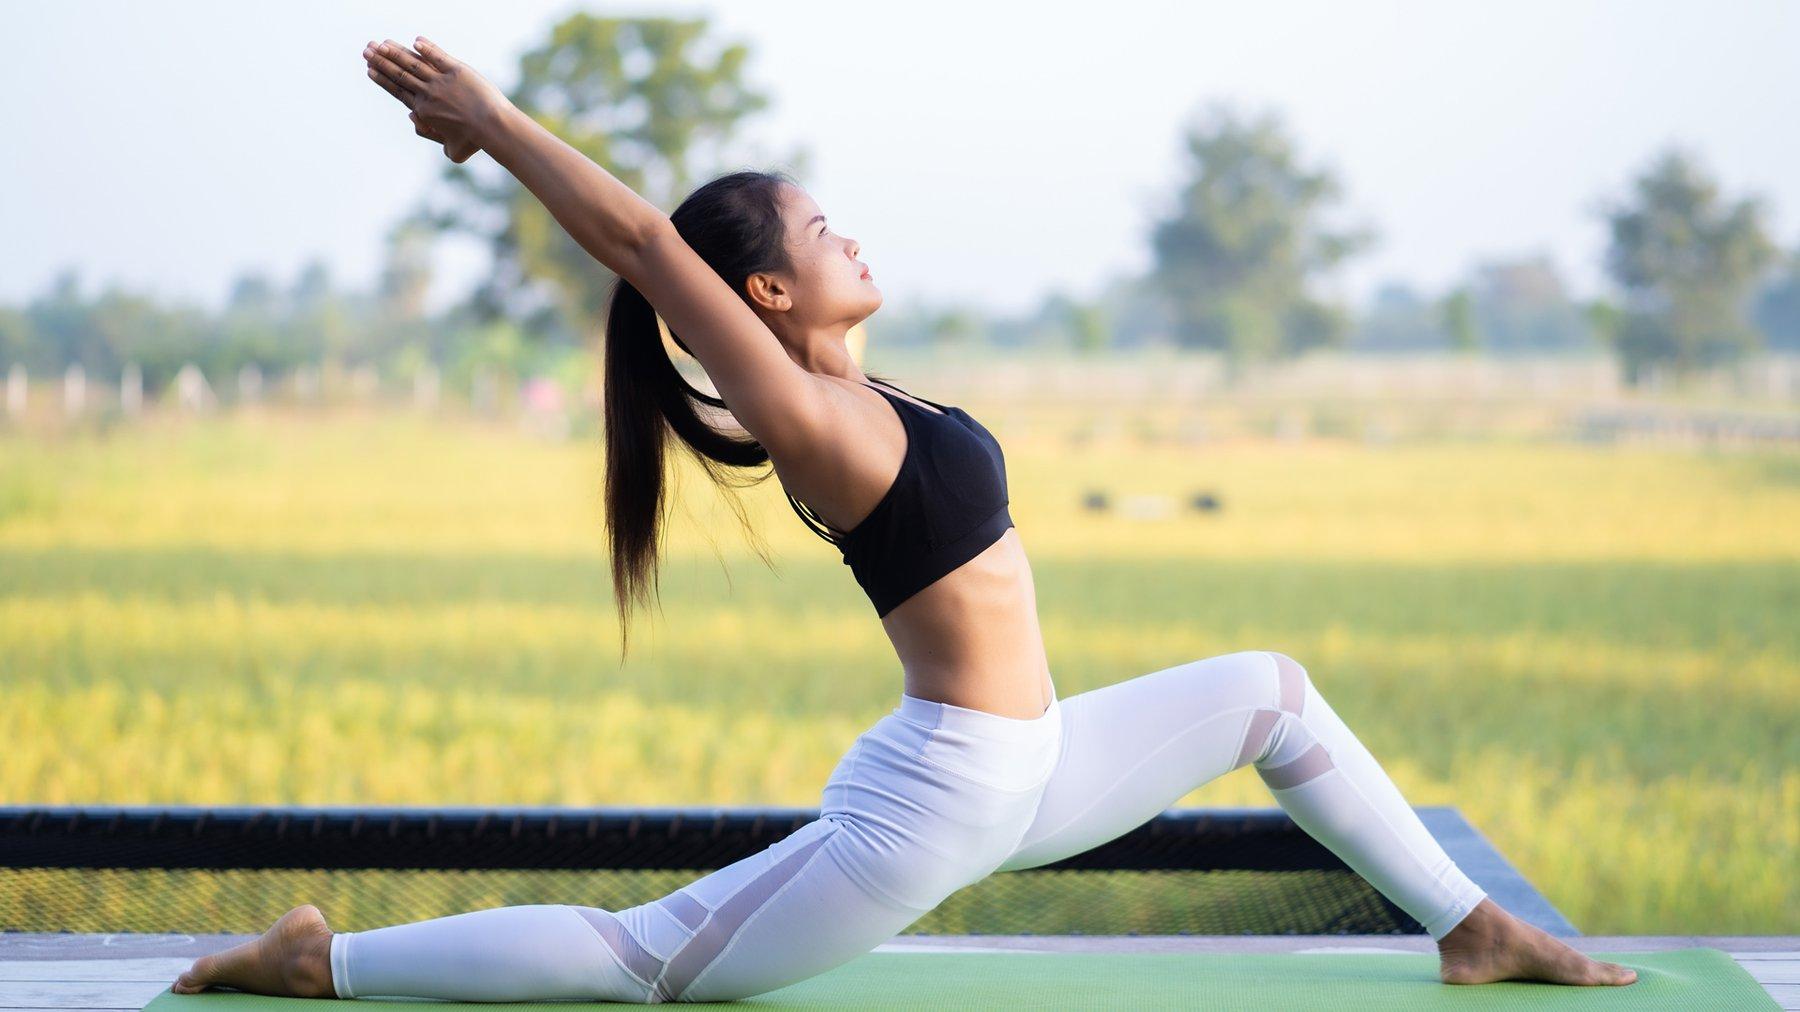 hoc-Yoga-tai-quan-4-Ho-Chi-Minh-1.jpg